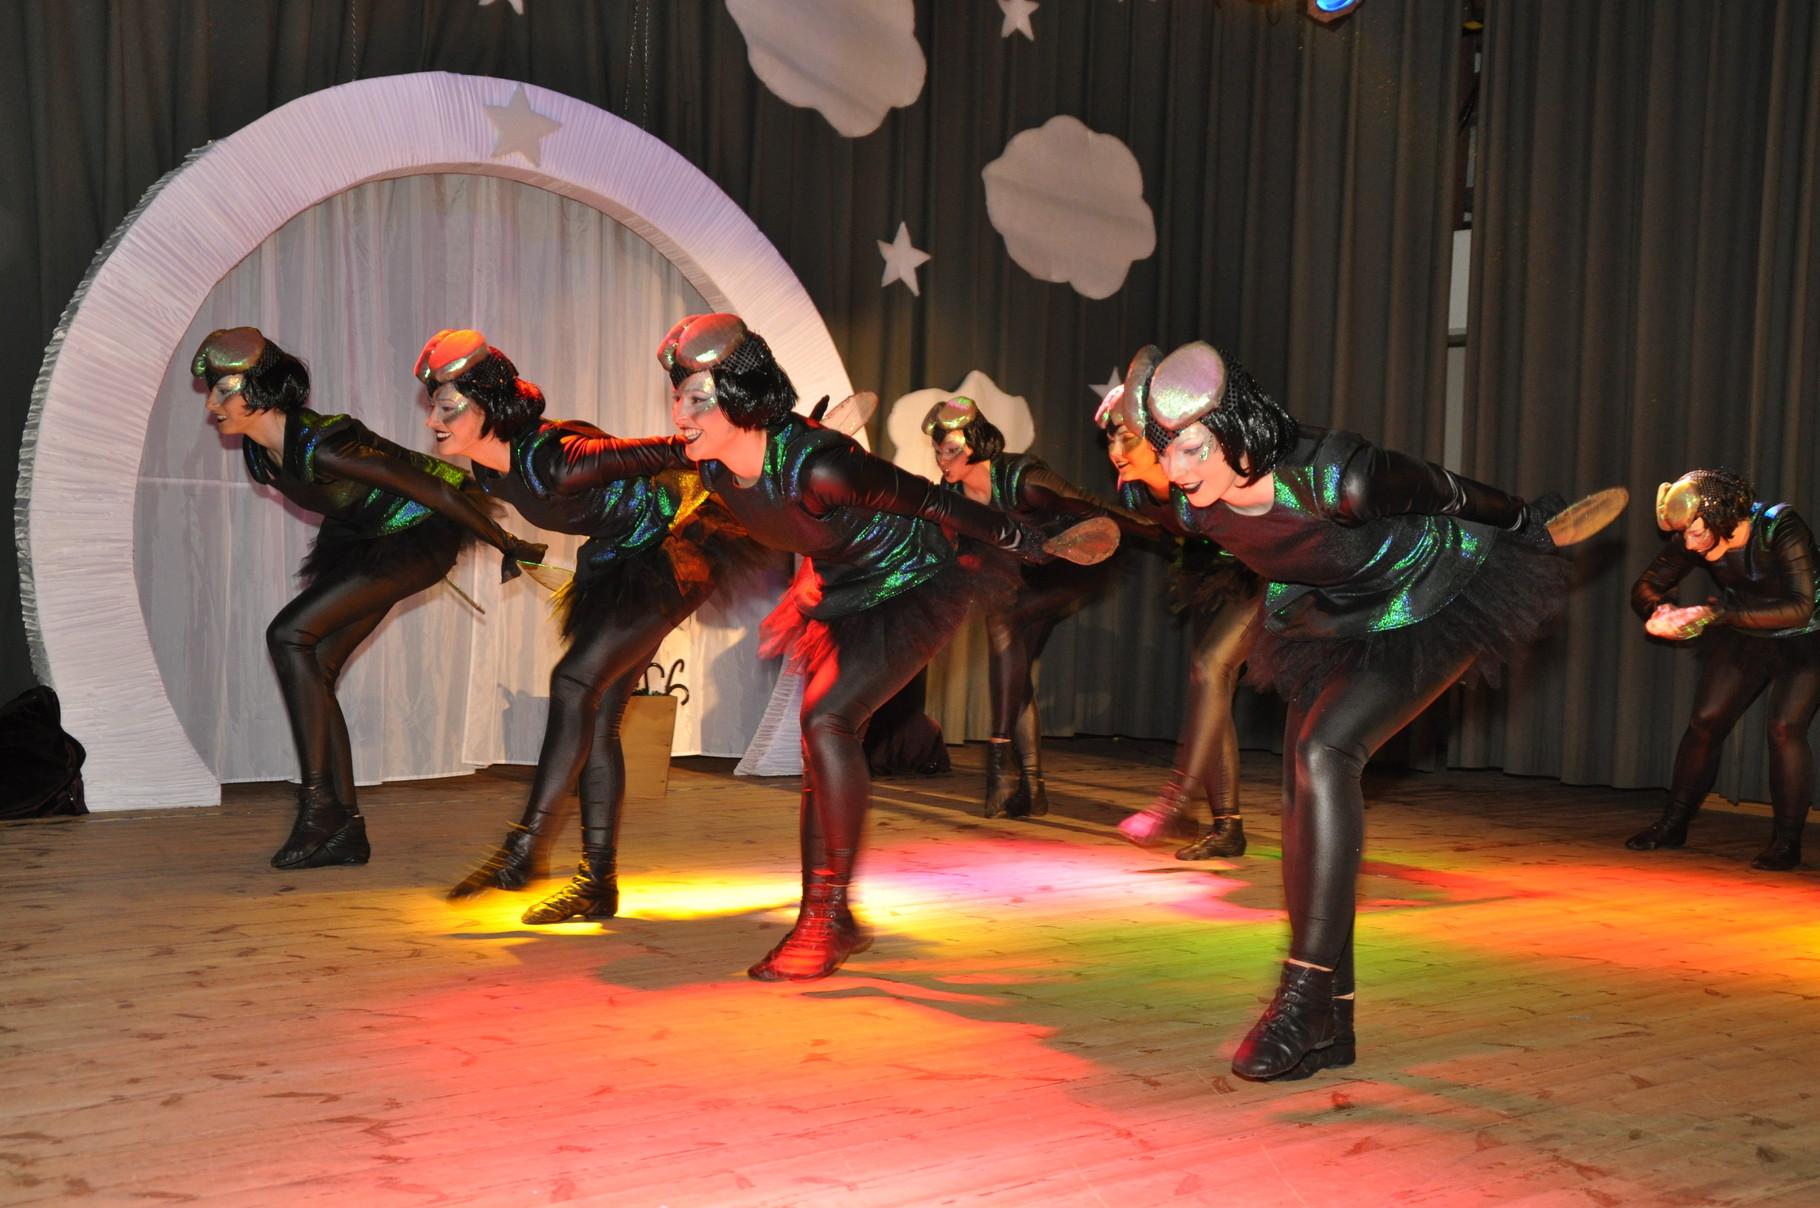 Das Showballett aus Eilenburg (ECC) zeigt das Leben einer Eintagsfliege und liefert damit noch einen echten Hingucker oben drauf.